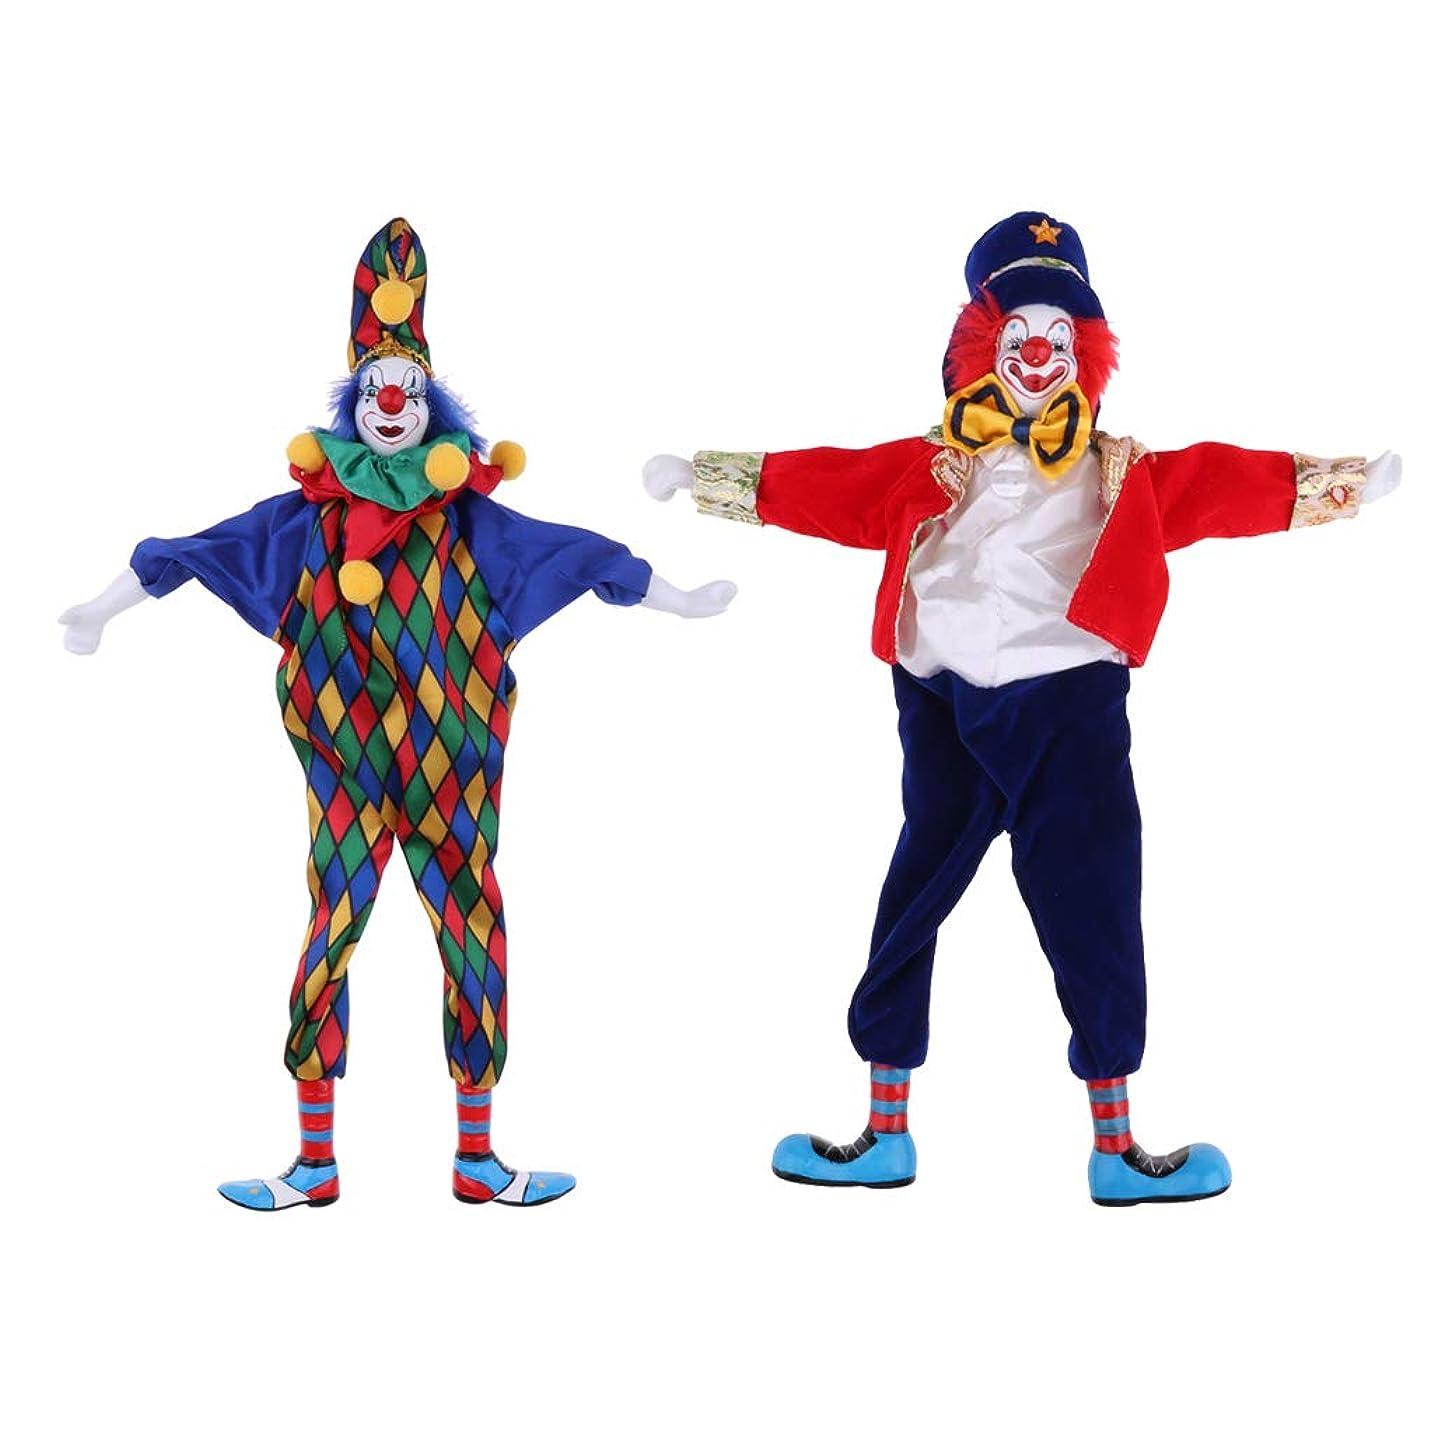 チーズ情熱したがってToygogo ドール 本体 人形の人形着衣 ごっこ遊び  人形おもちゃ 面白い キッズ  知育玩具